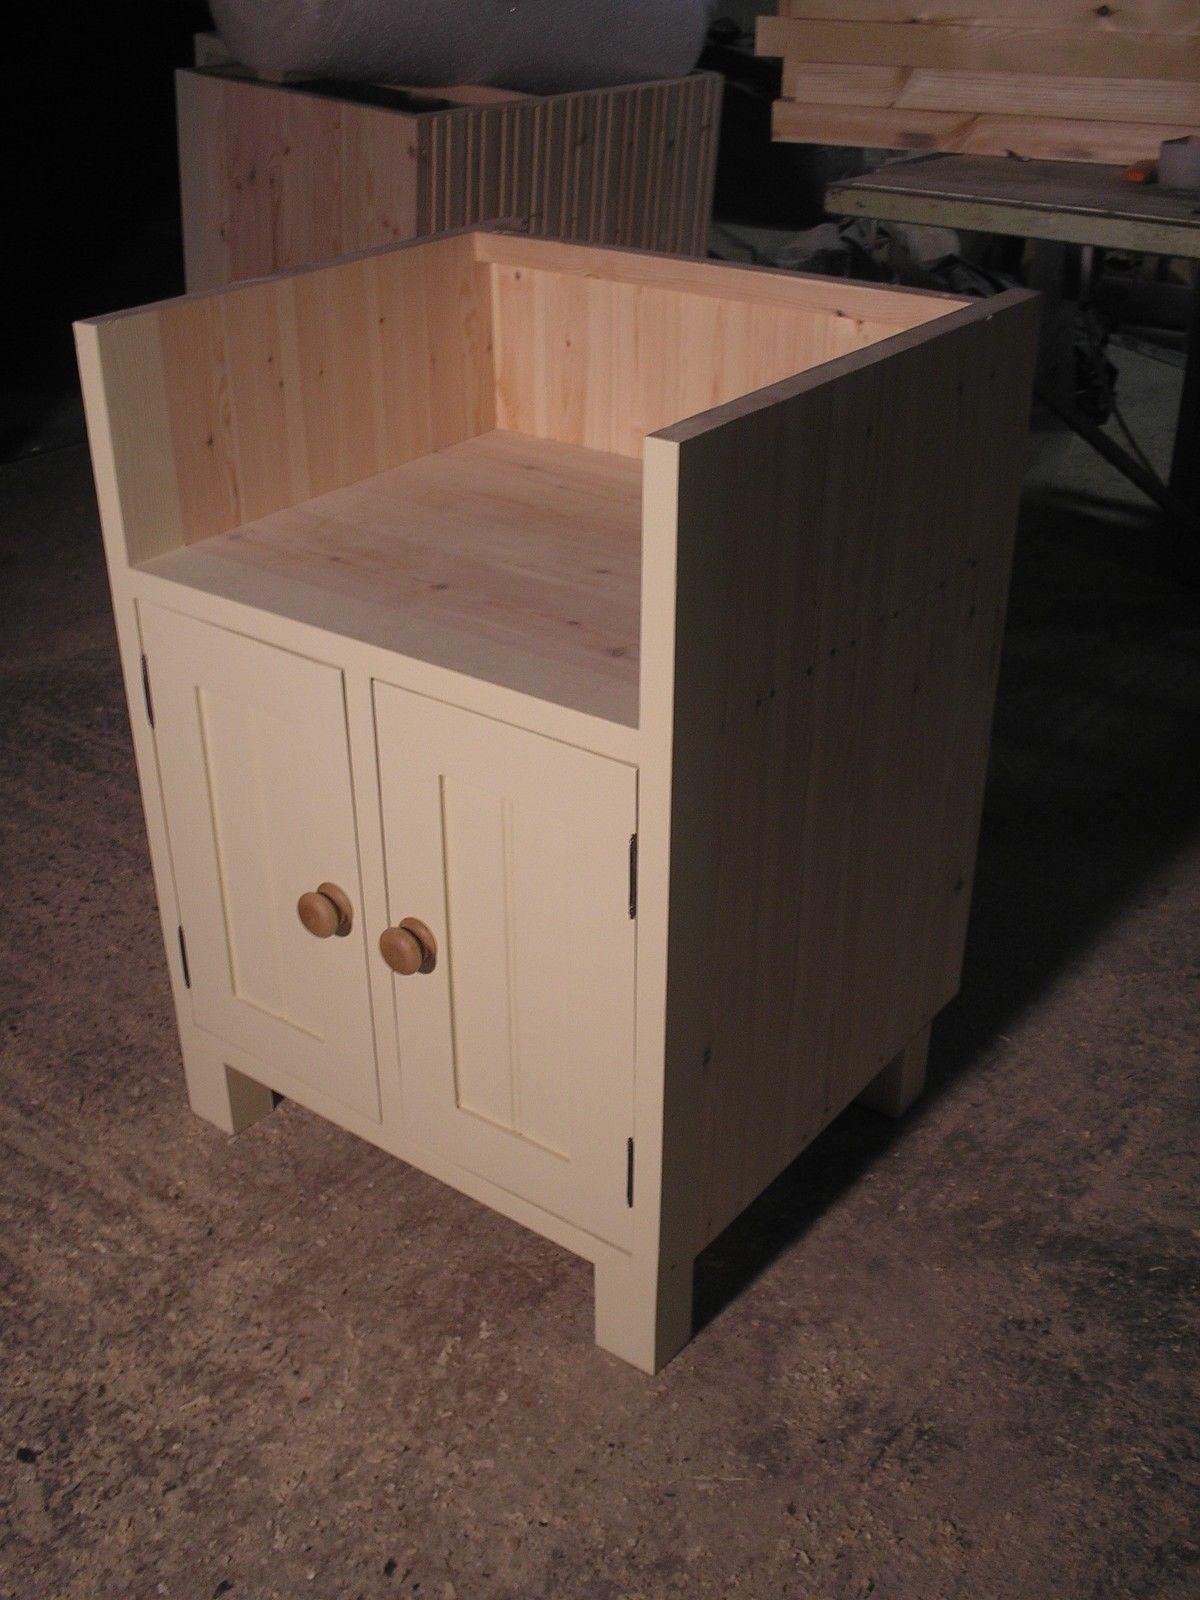 Freestanding Painted Kitchen Belfast Sink Unit (BBC 01/6) | eBay ...